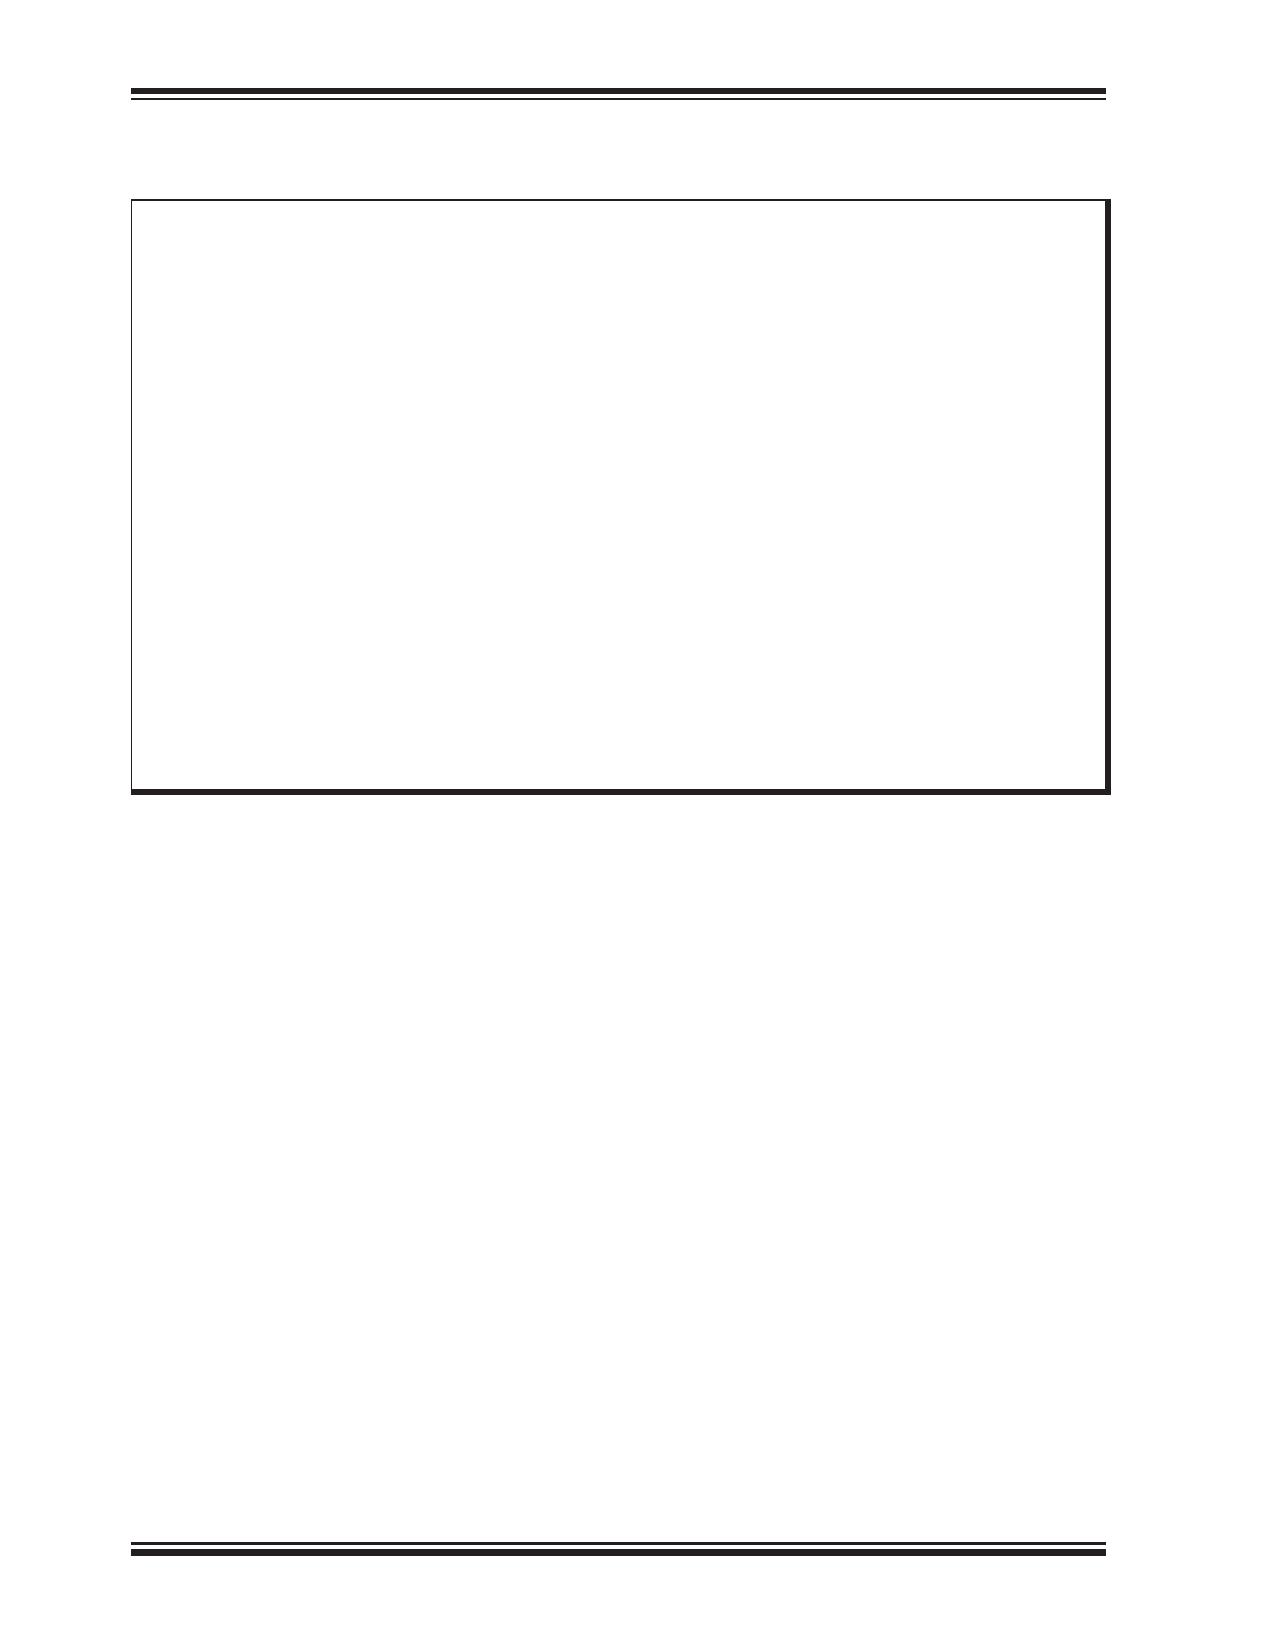 SST12LF09 pdf, schematic